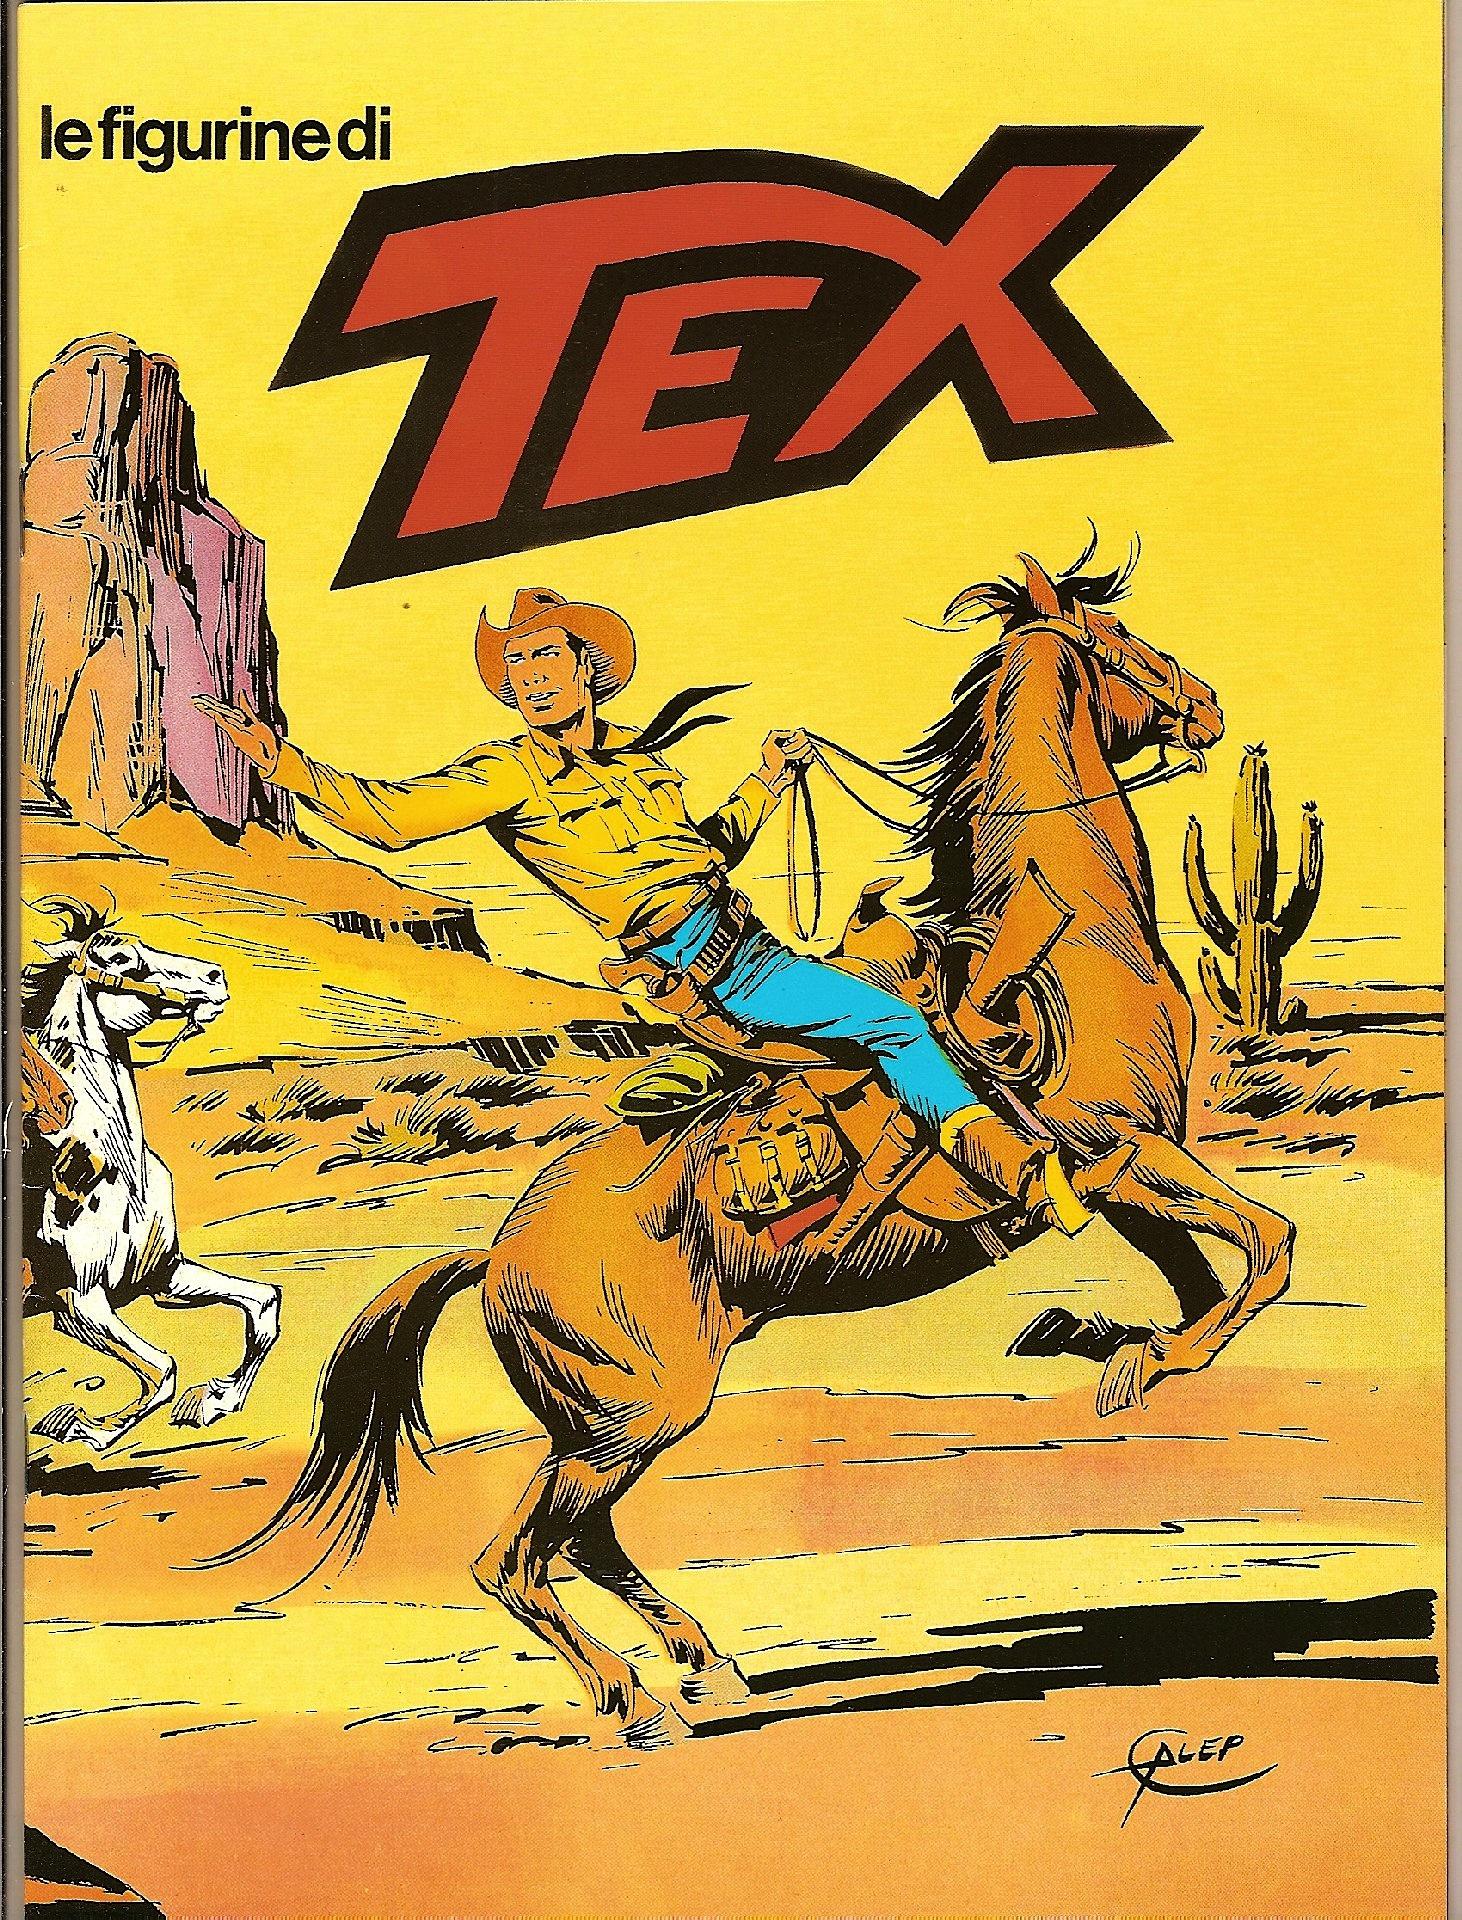 tex_album_figurine_1979